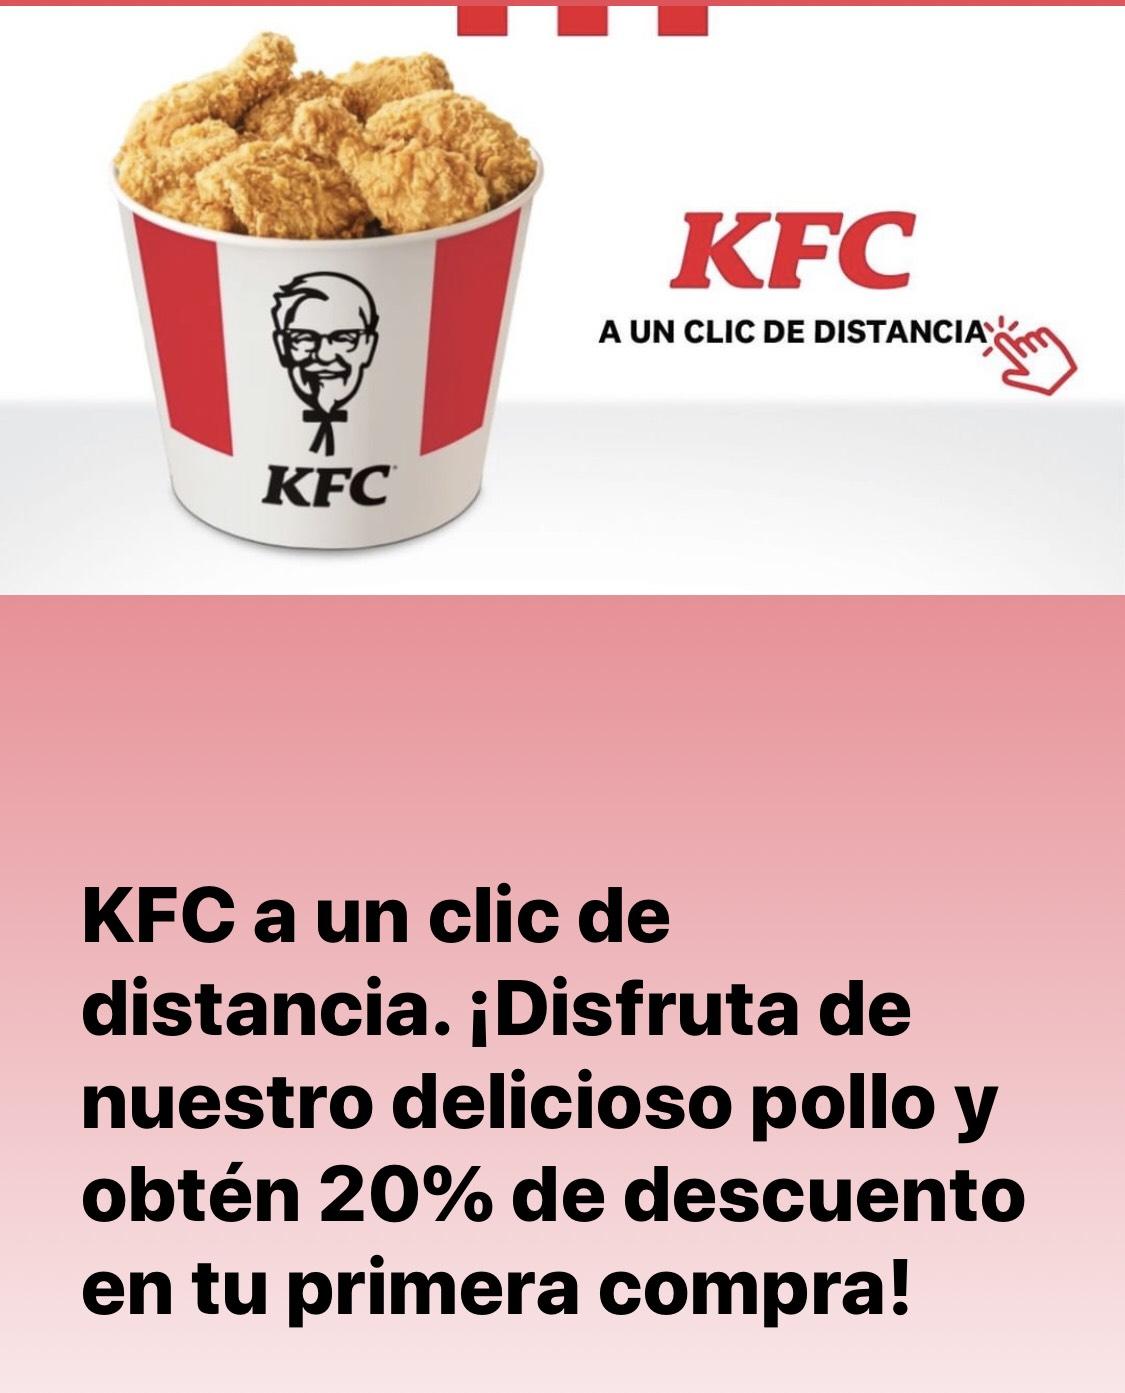 KFC: 20% de descuento en primera compra en línea.